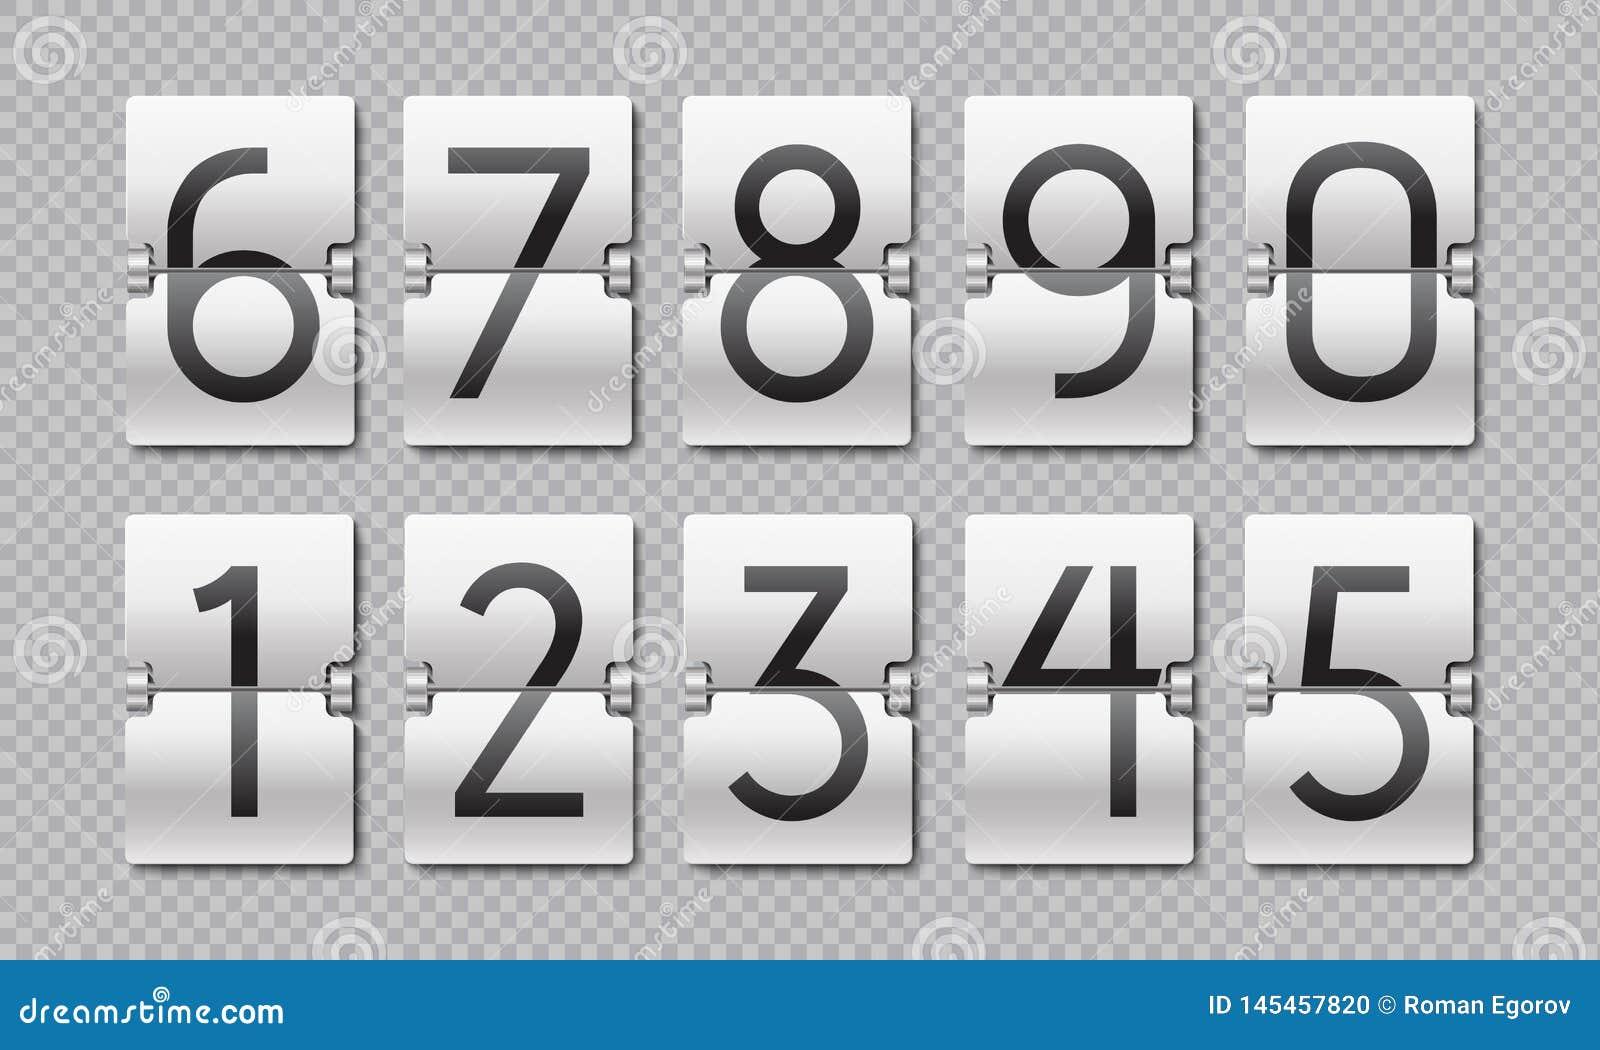 Odliczanie liczby Podrzuca zegarowego kontuar, czas